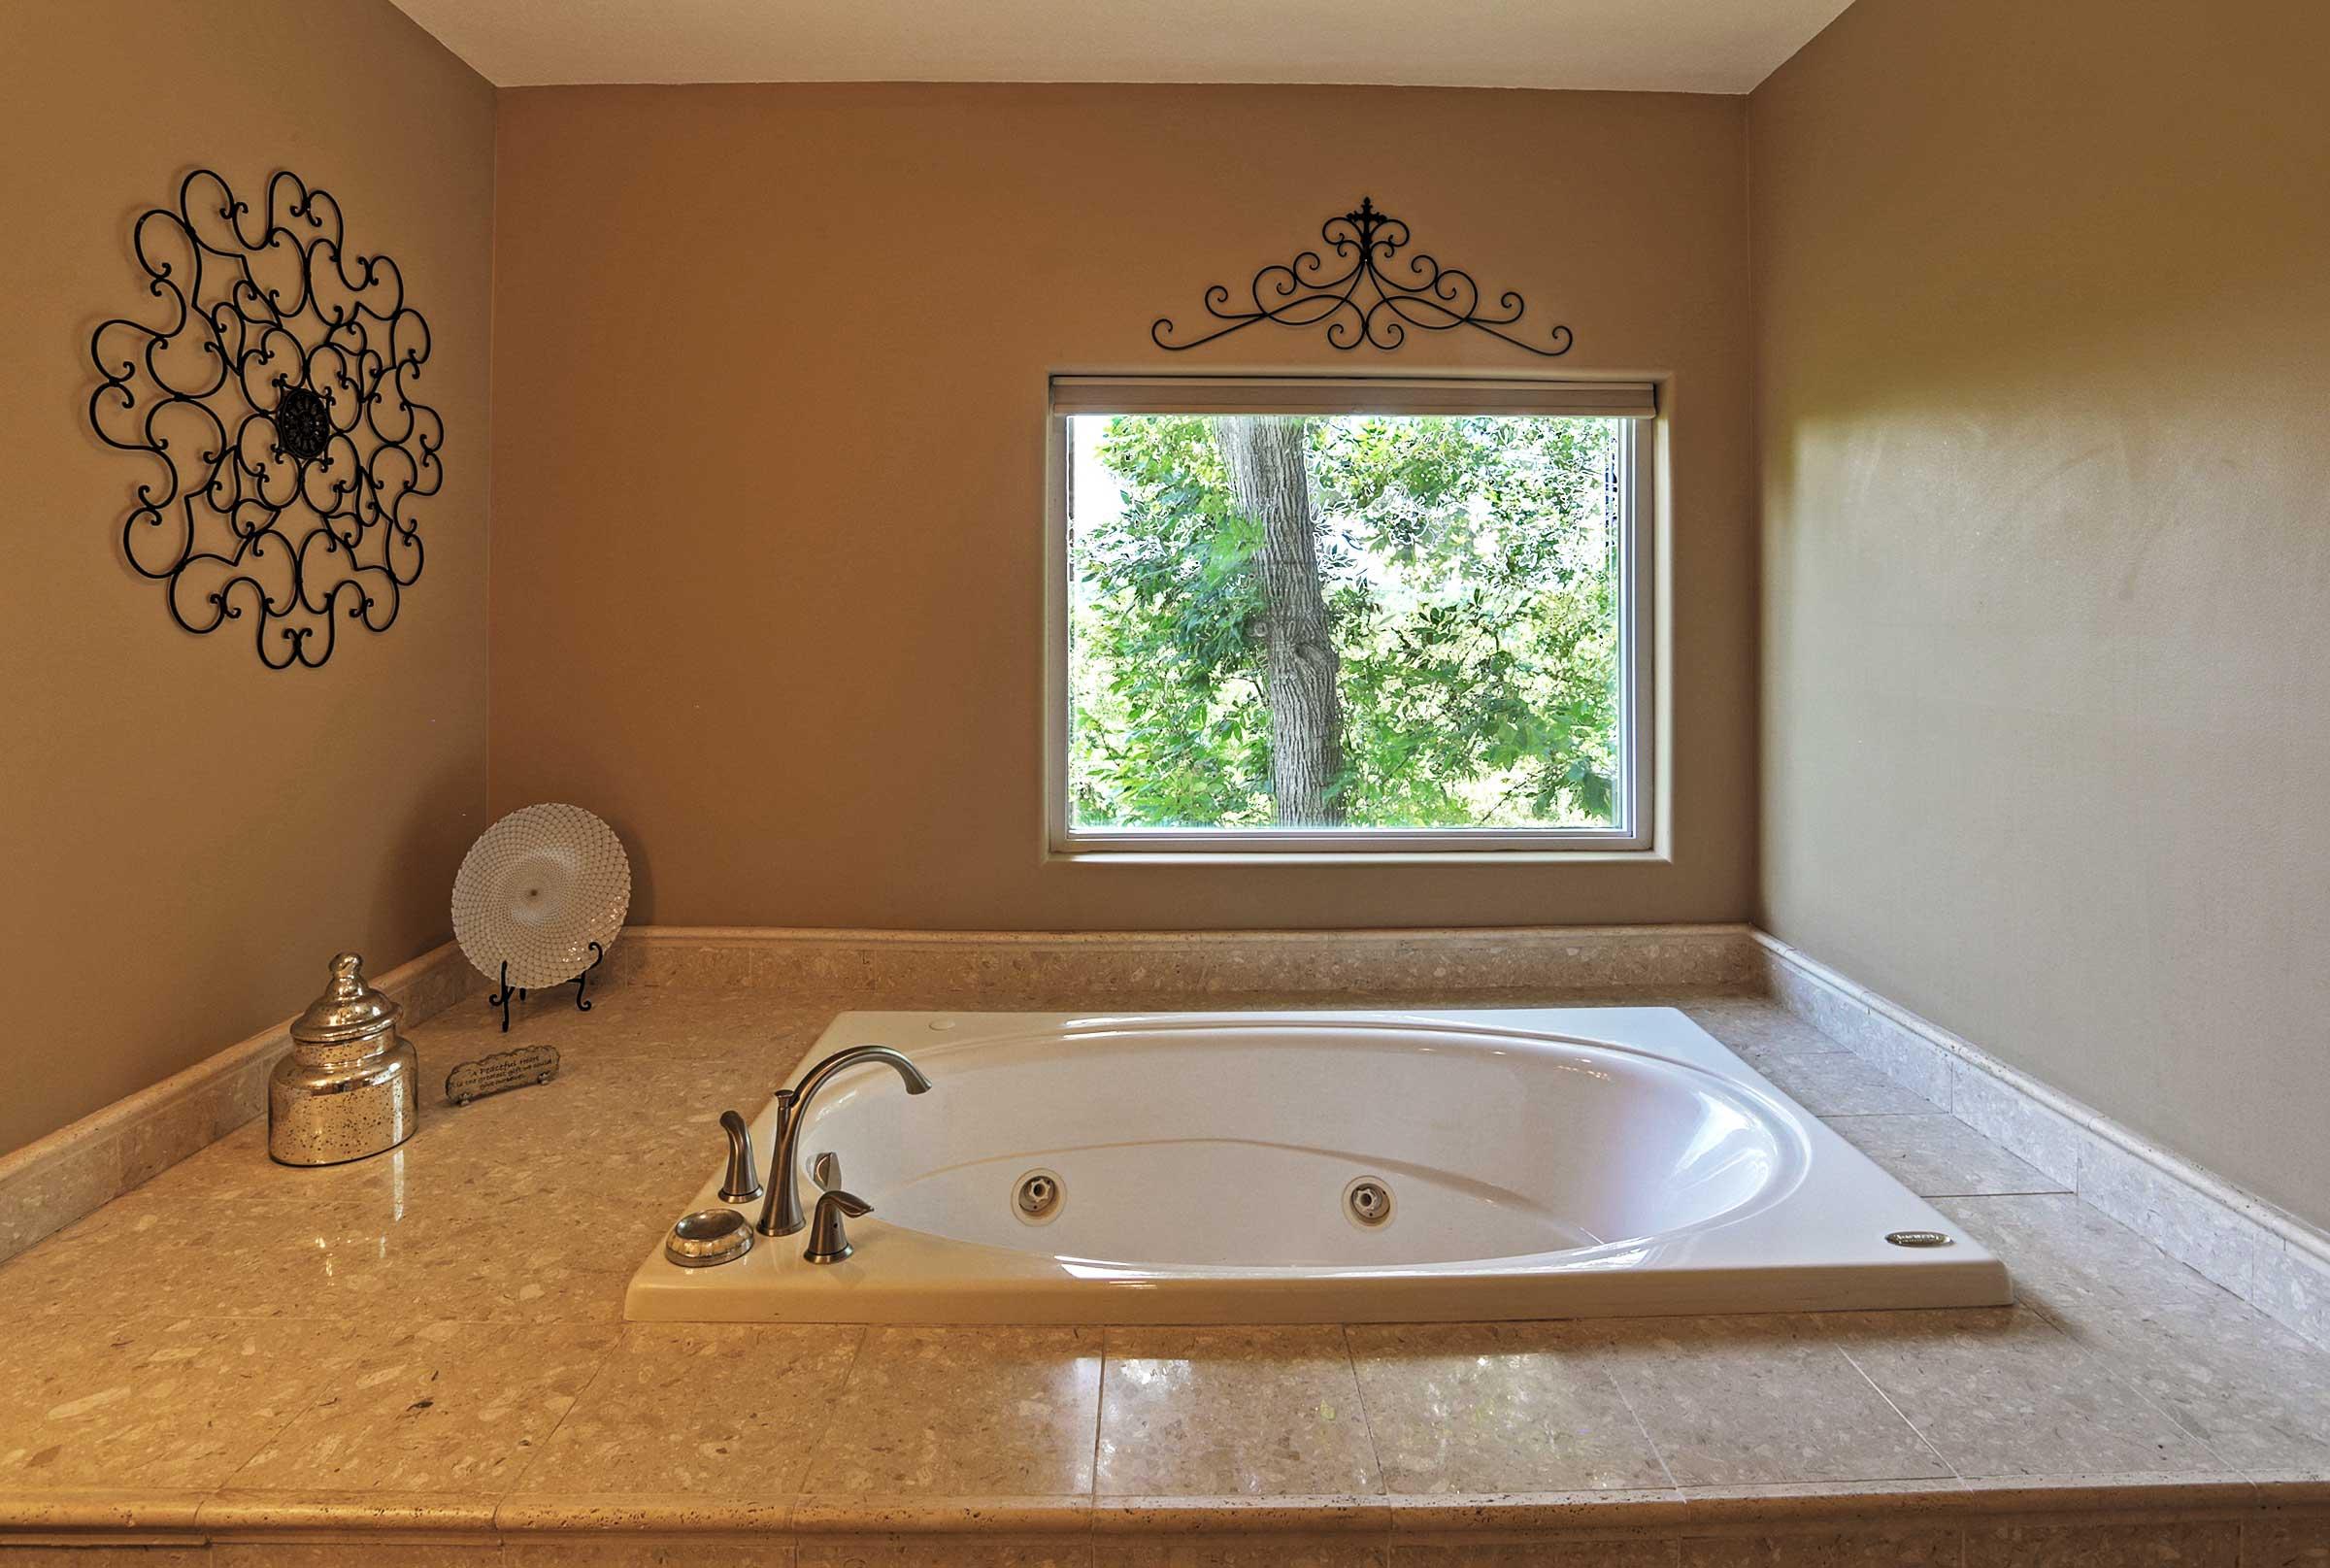 En-Suite Bathroom | Jetted Tub